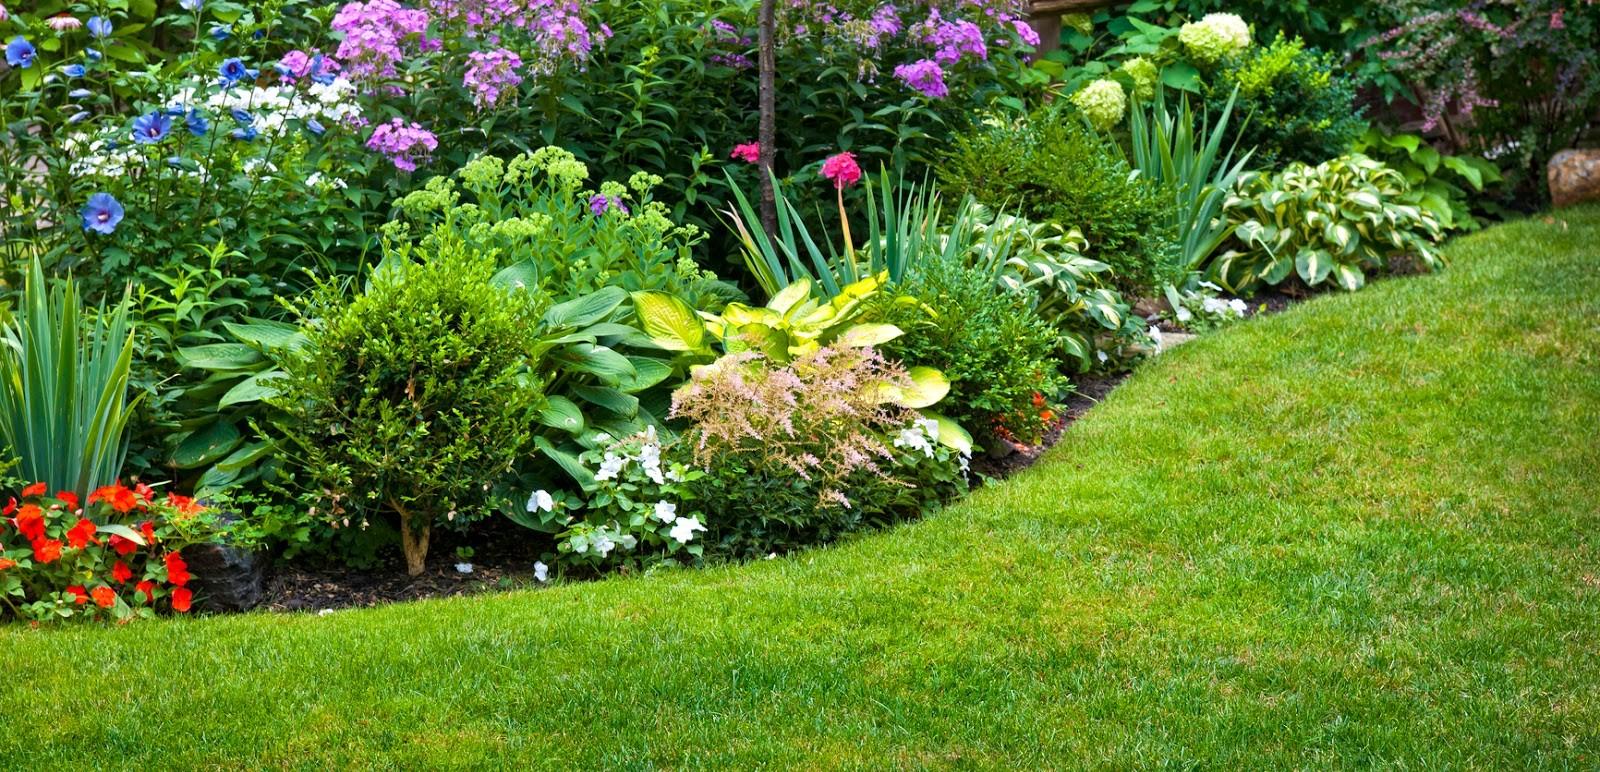 Riego por goteo como elegir - Sistema de riego automatico para jardin ...